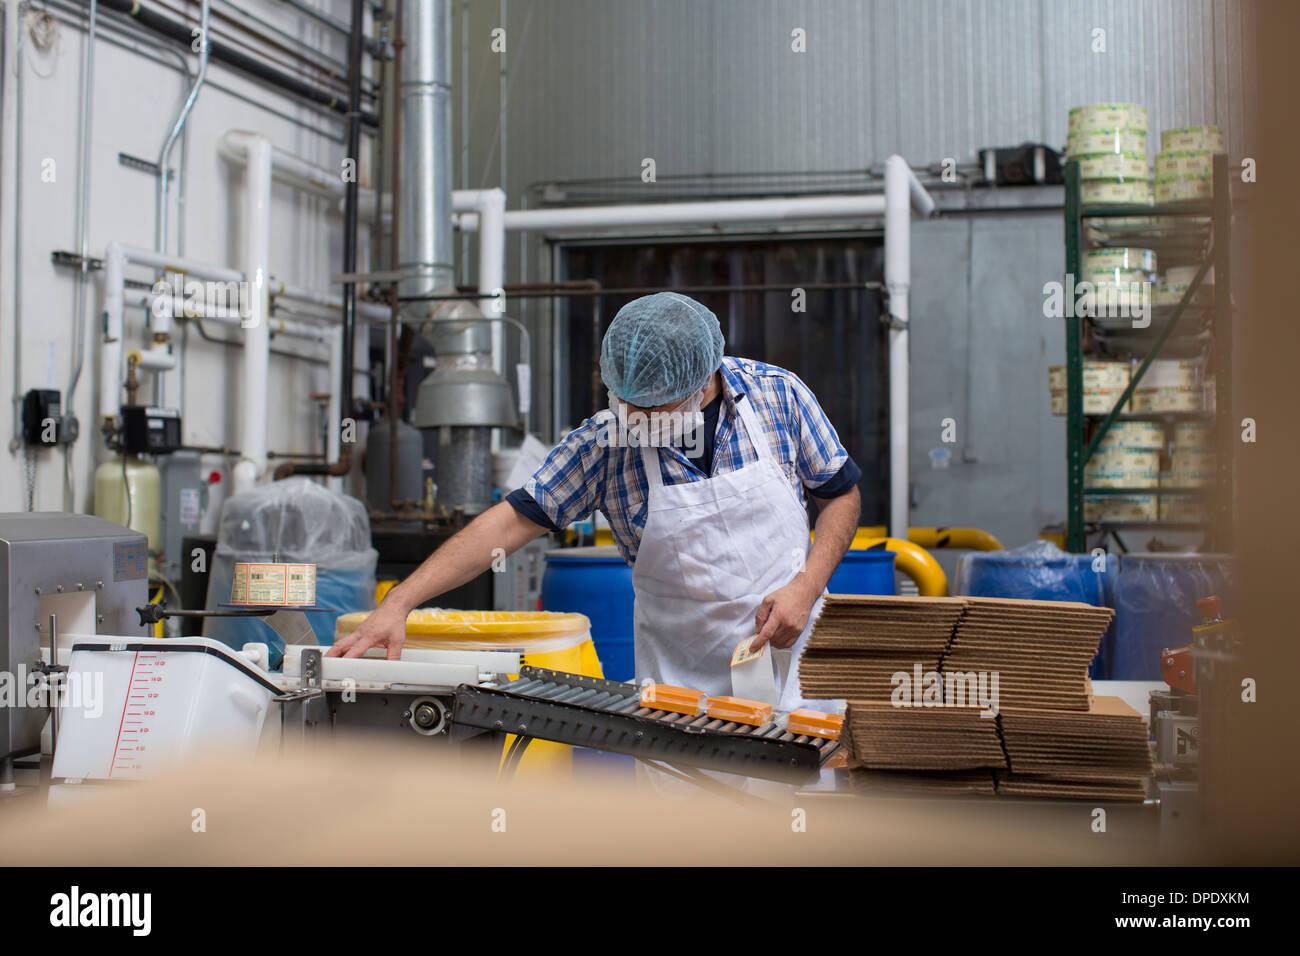 Mann Verpackung Vegan Käse im Lager Stockbild